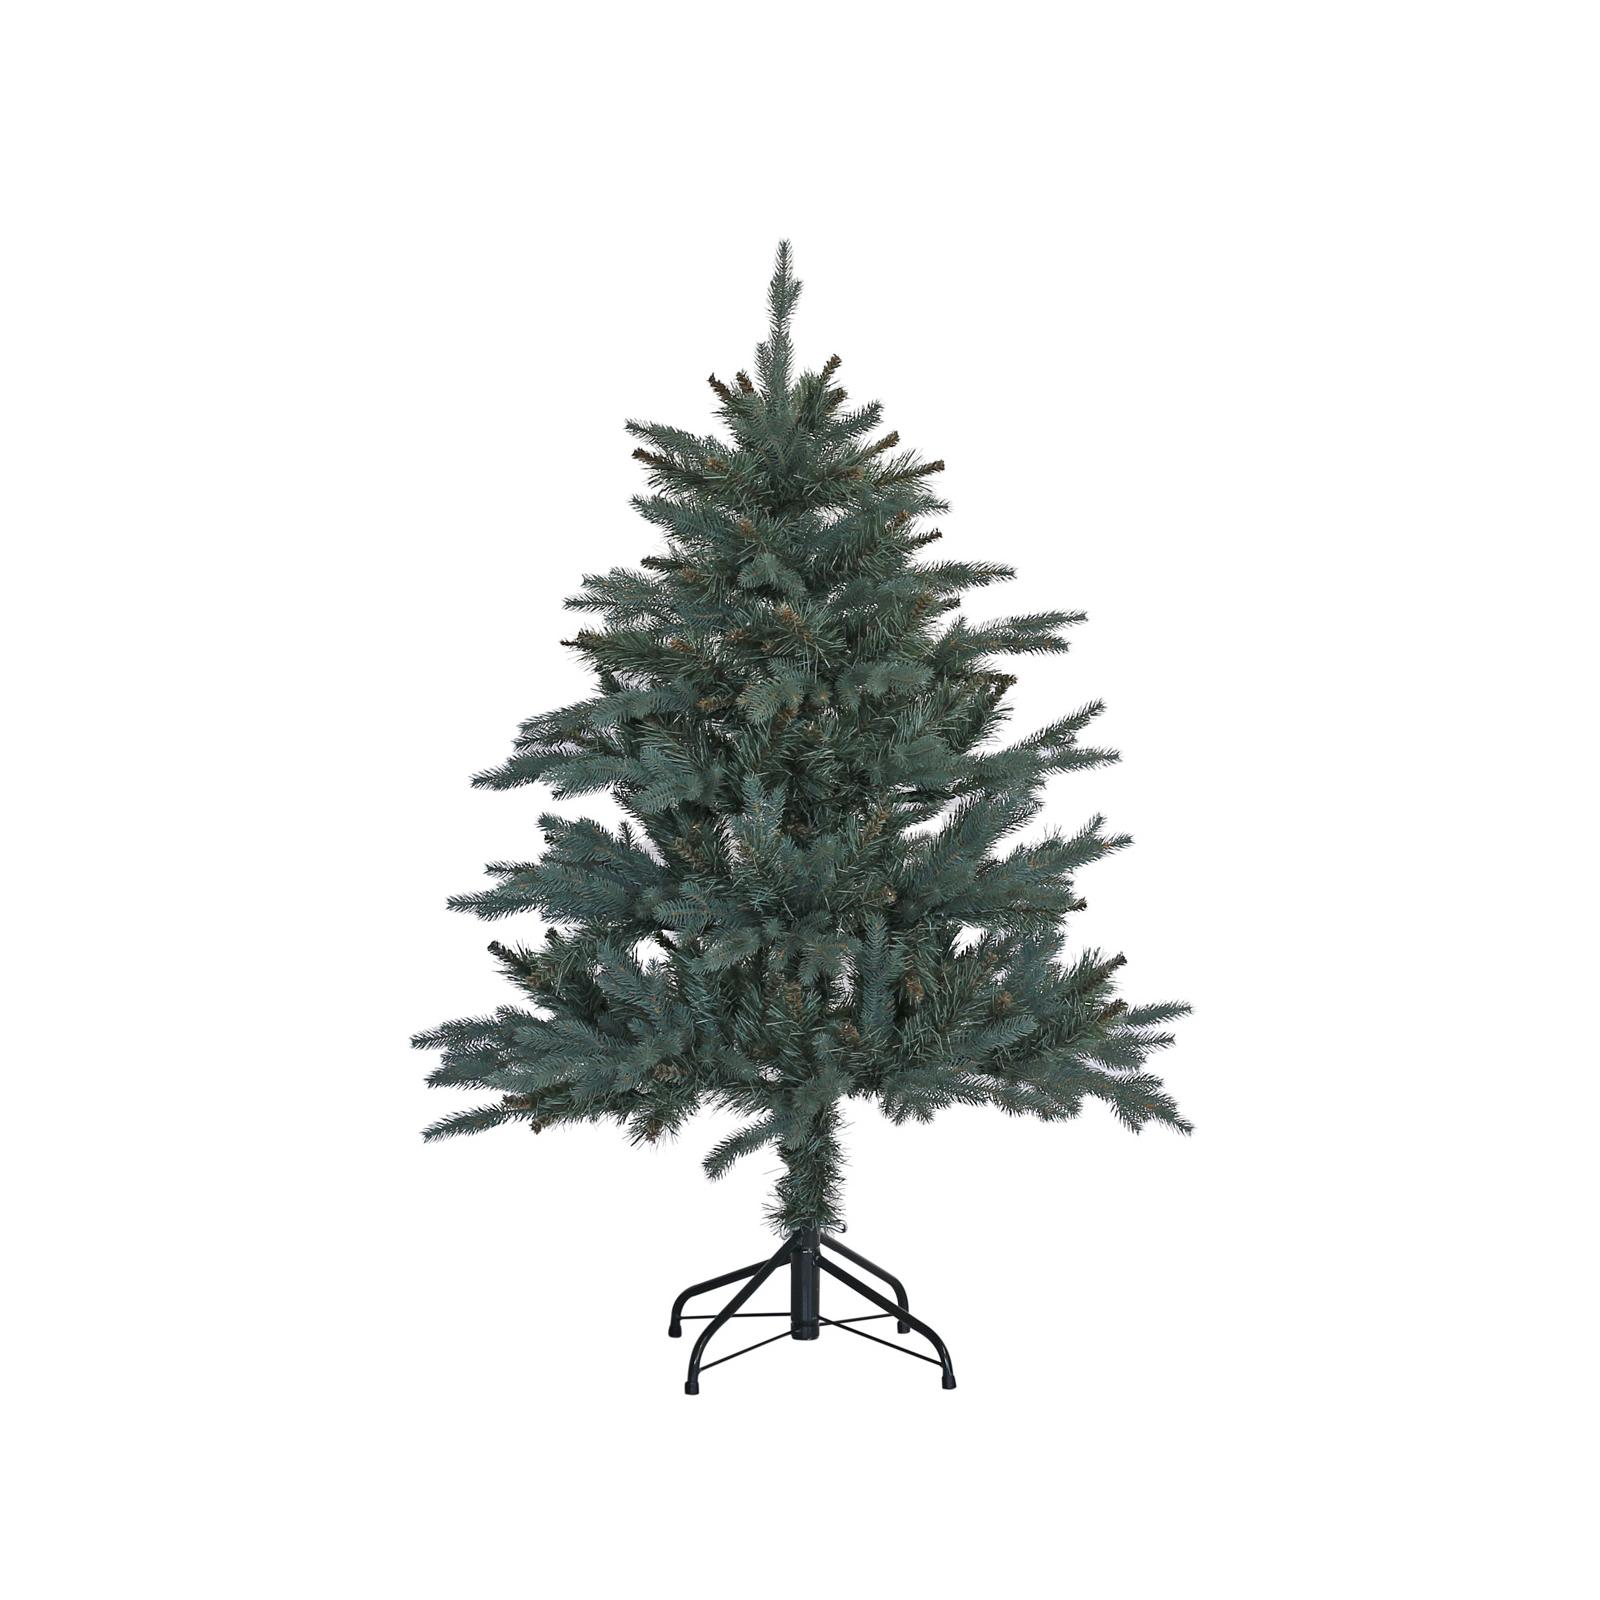 Искусственная елка YES! Fun Ситхинская голубая 1,20 м литая (903533)